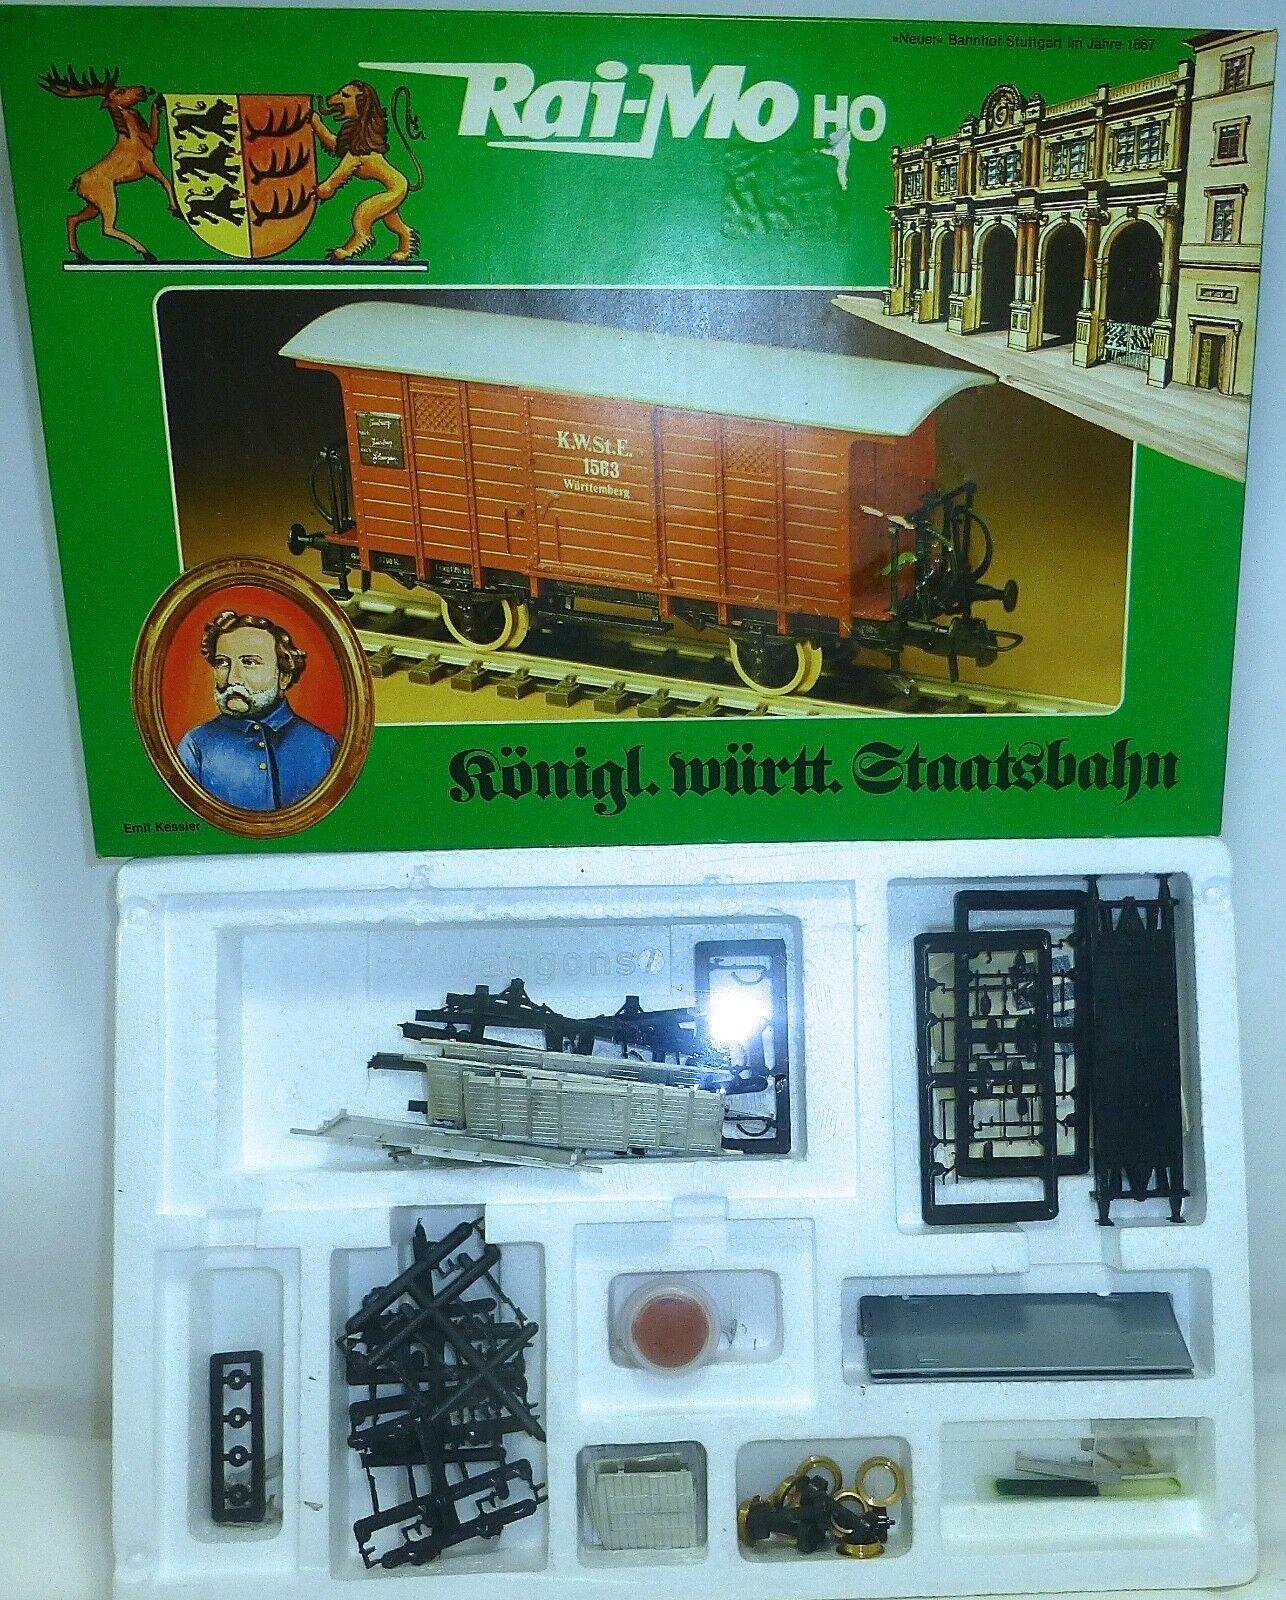 2 vagones h kwürttstsb kit ungebaut Raimo 200222 rai-mo OVP 1 87 Å